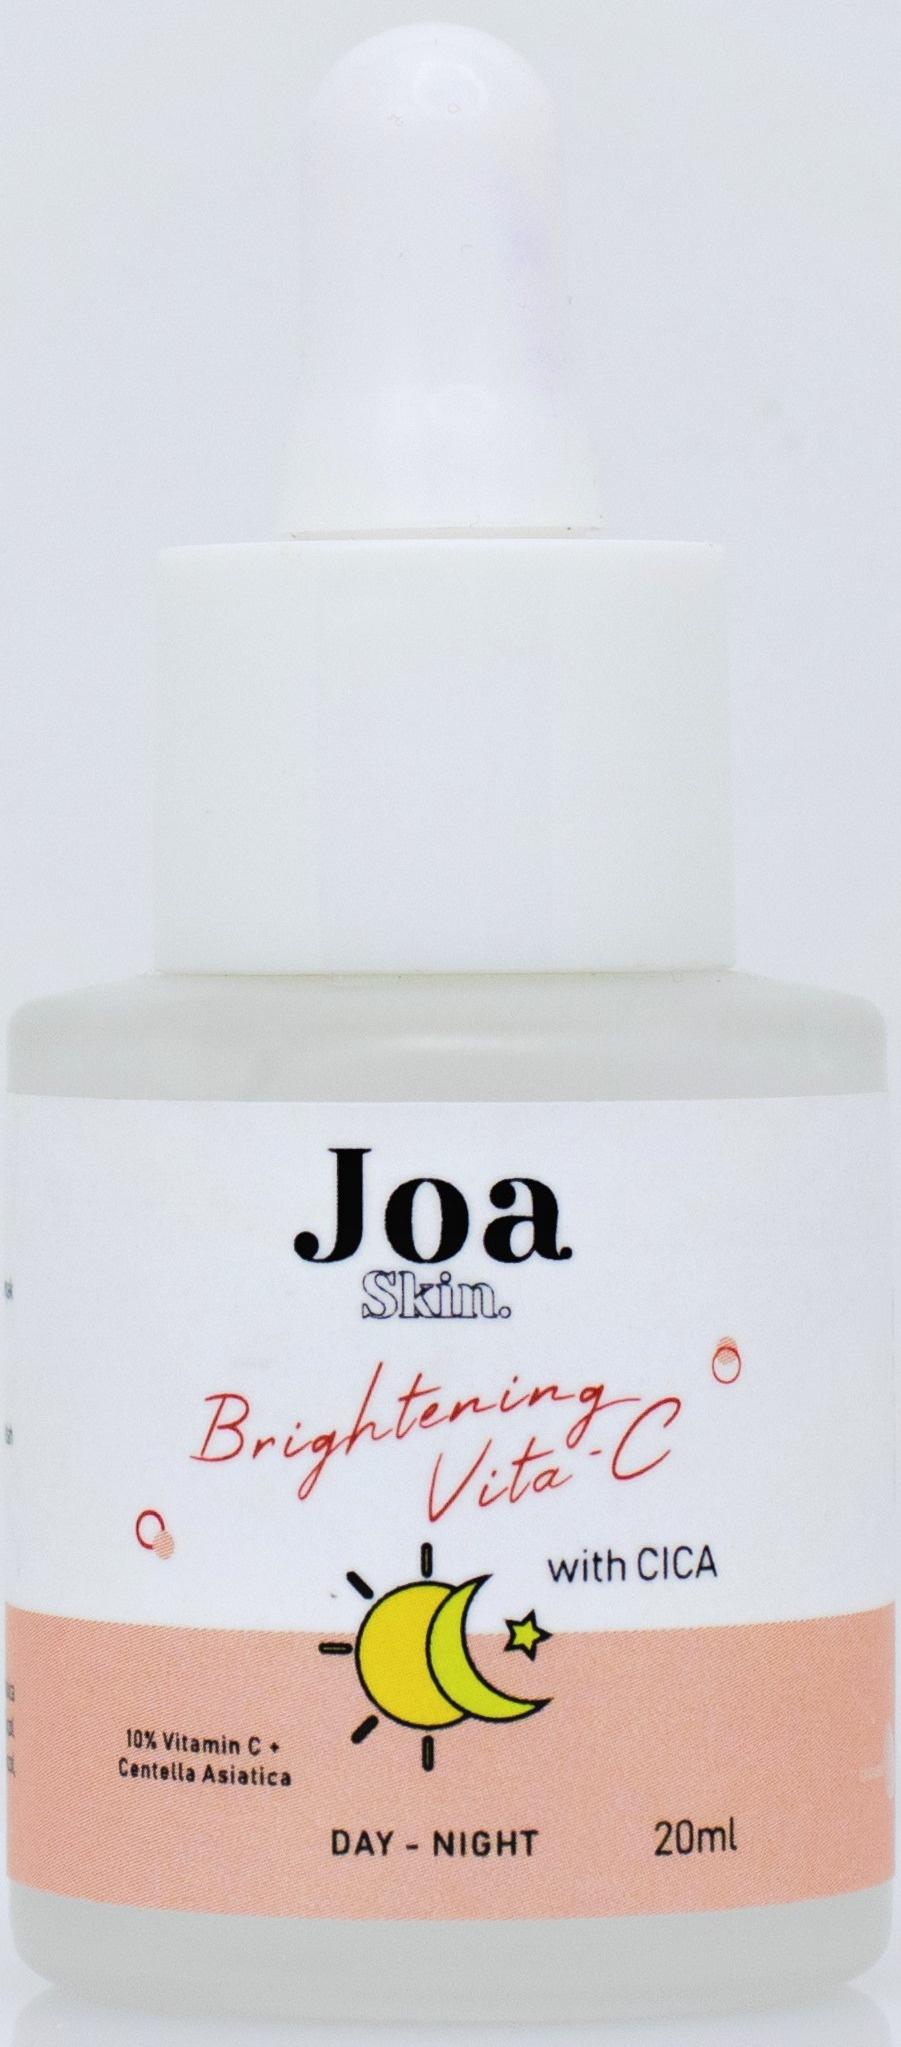 Joa Skin Brightening Vita C With Cica Serum